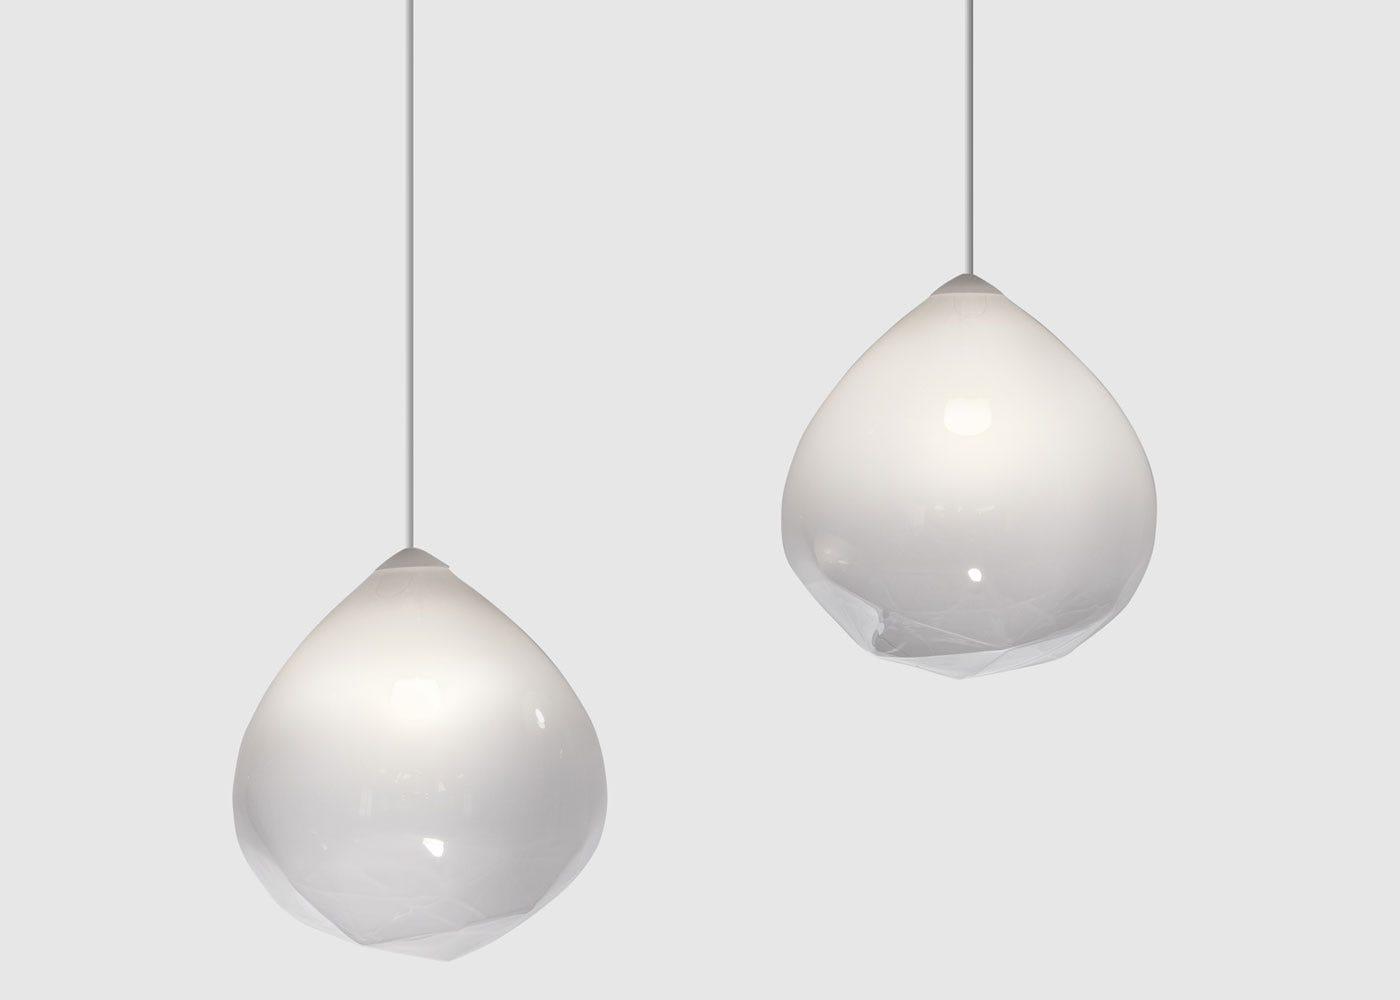 As shown: Parison Pendant Light White - On